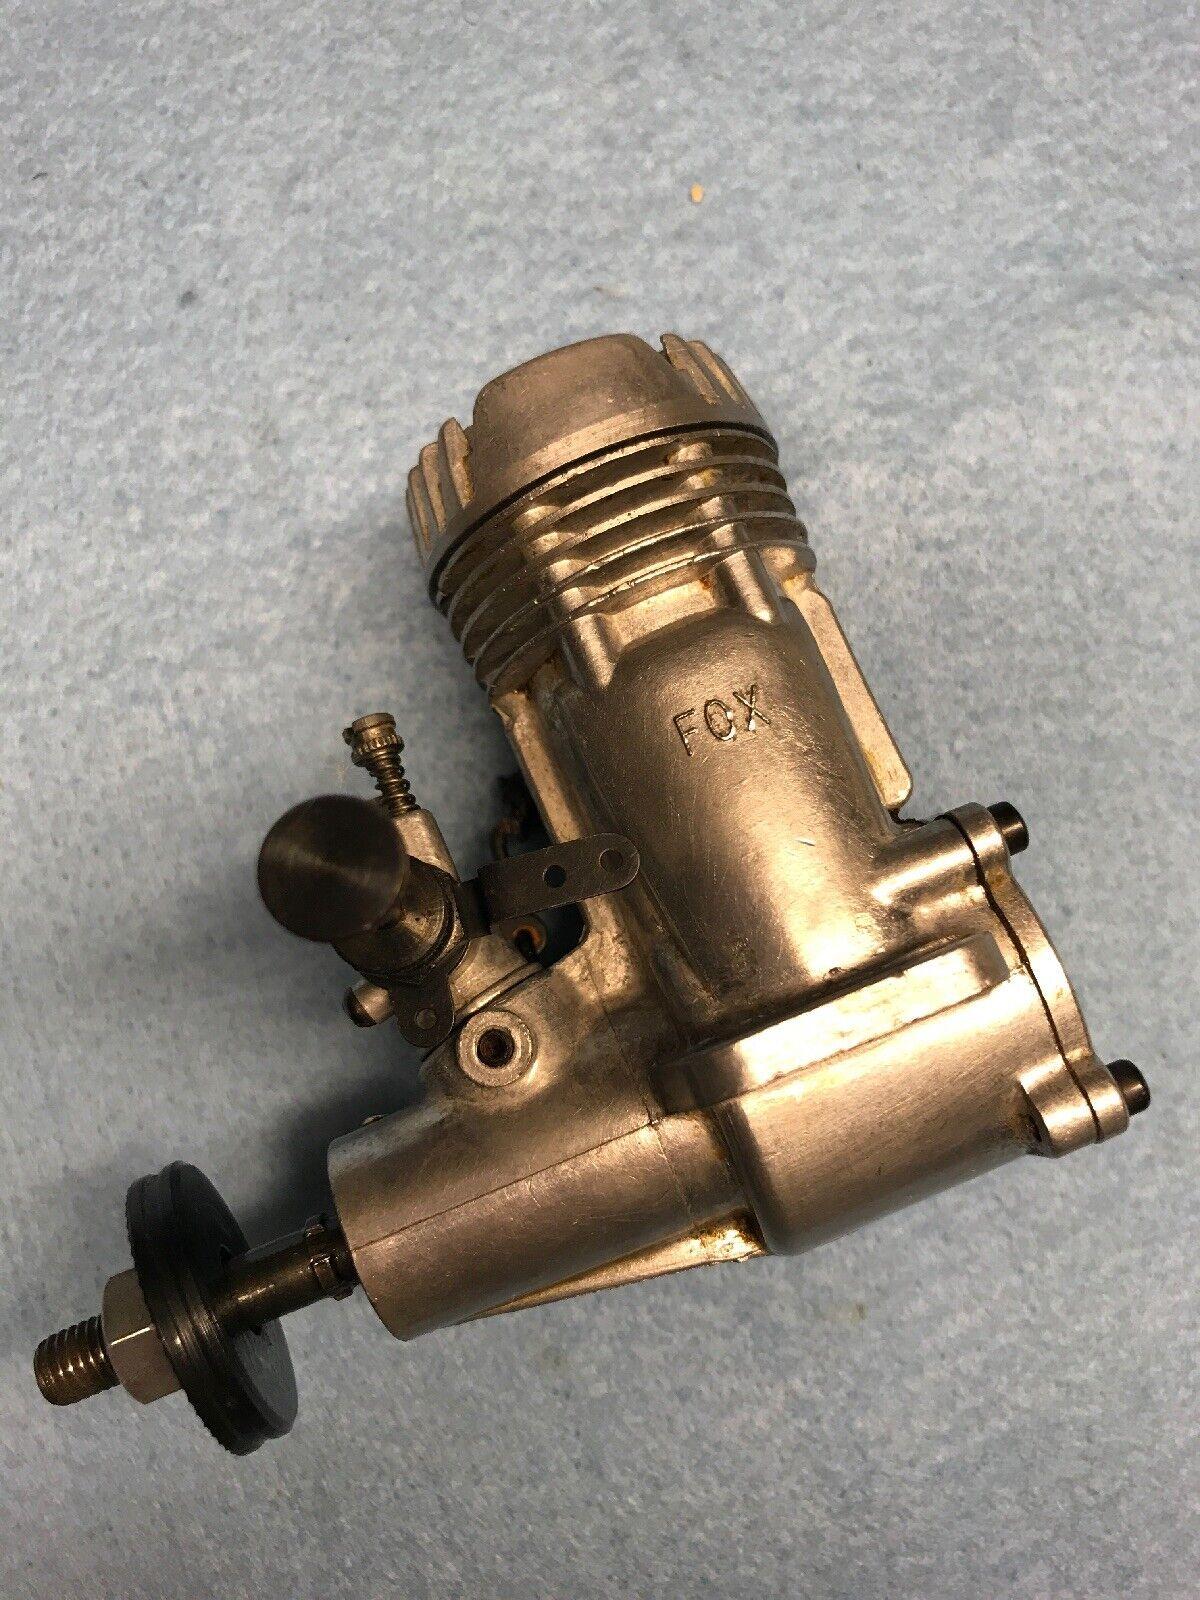 Fox 29 - engine verwendet no.208 rc - flugzeug